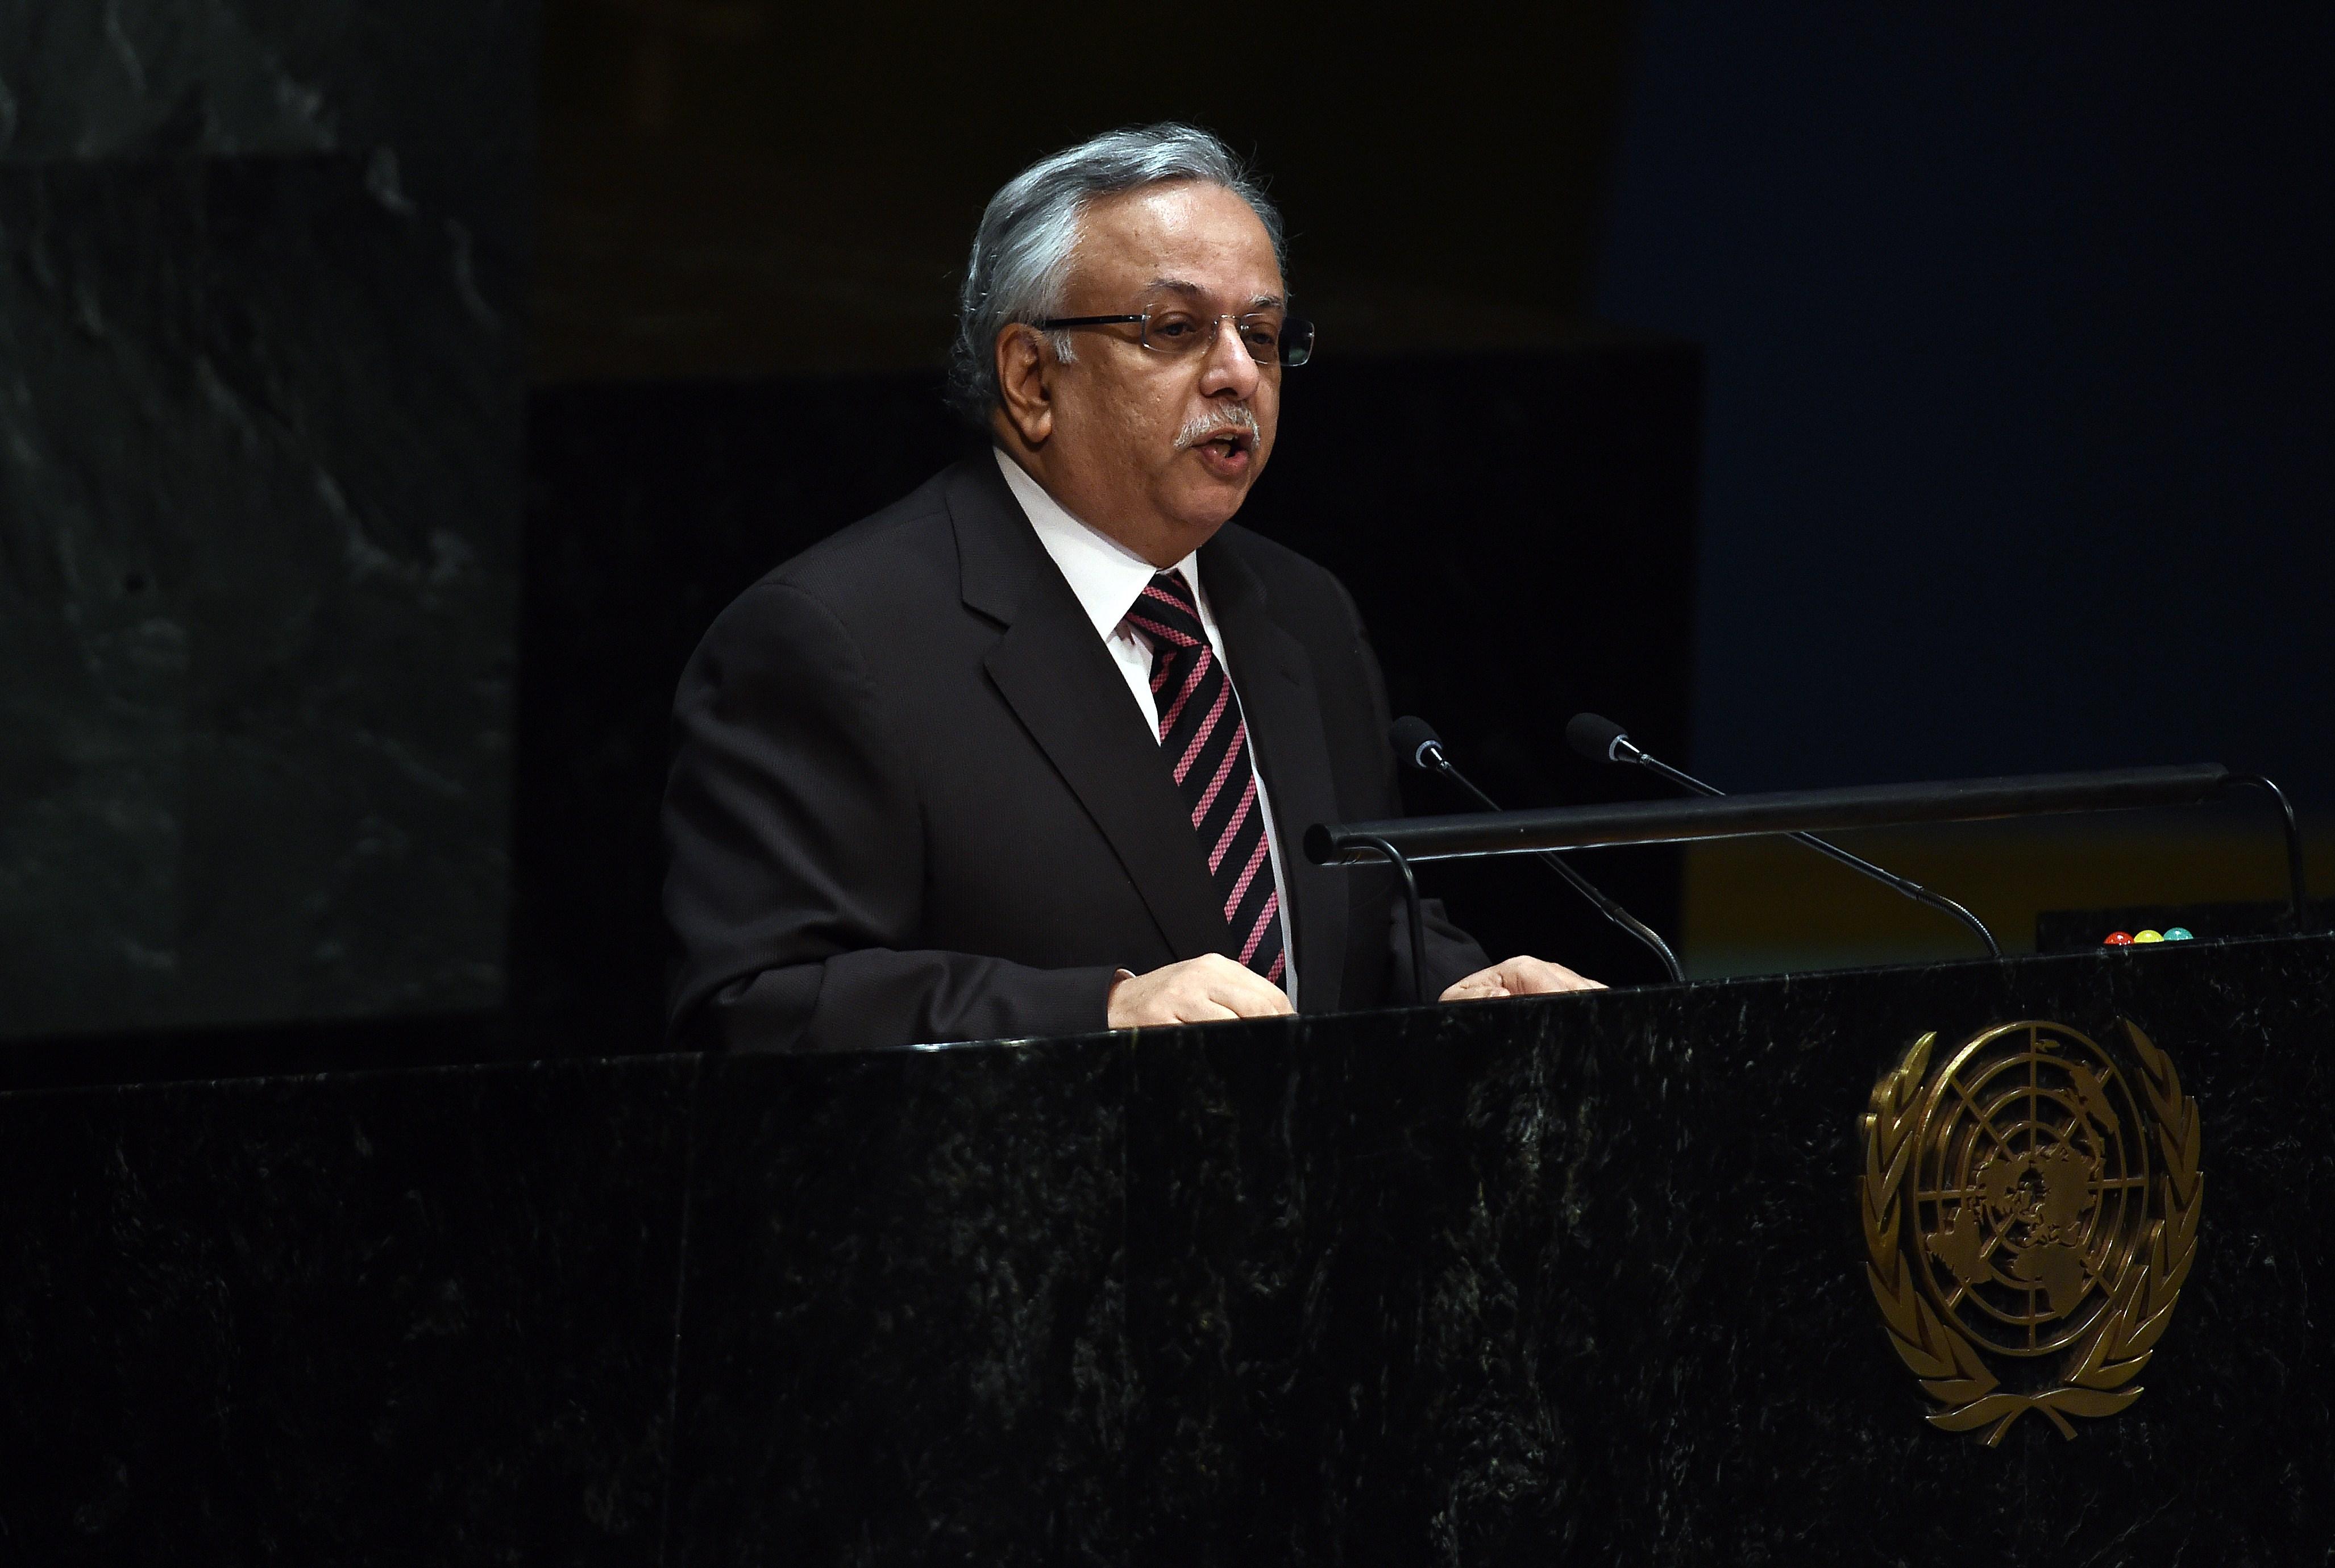 السعودية: قرار الأمم المتحدة لم يرق لمستوى معاناة سوريا - CNNArabic.com